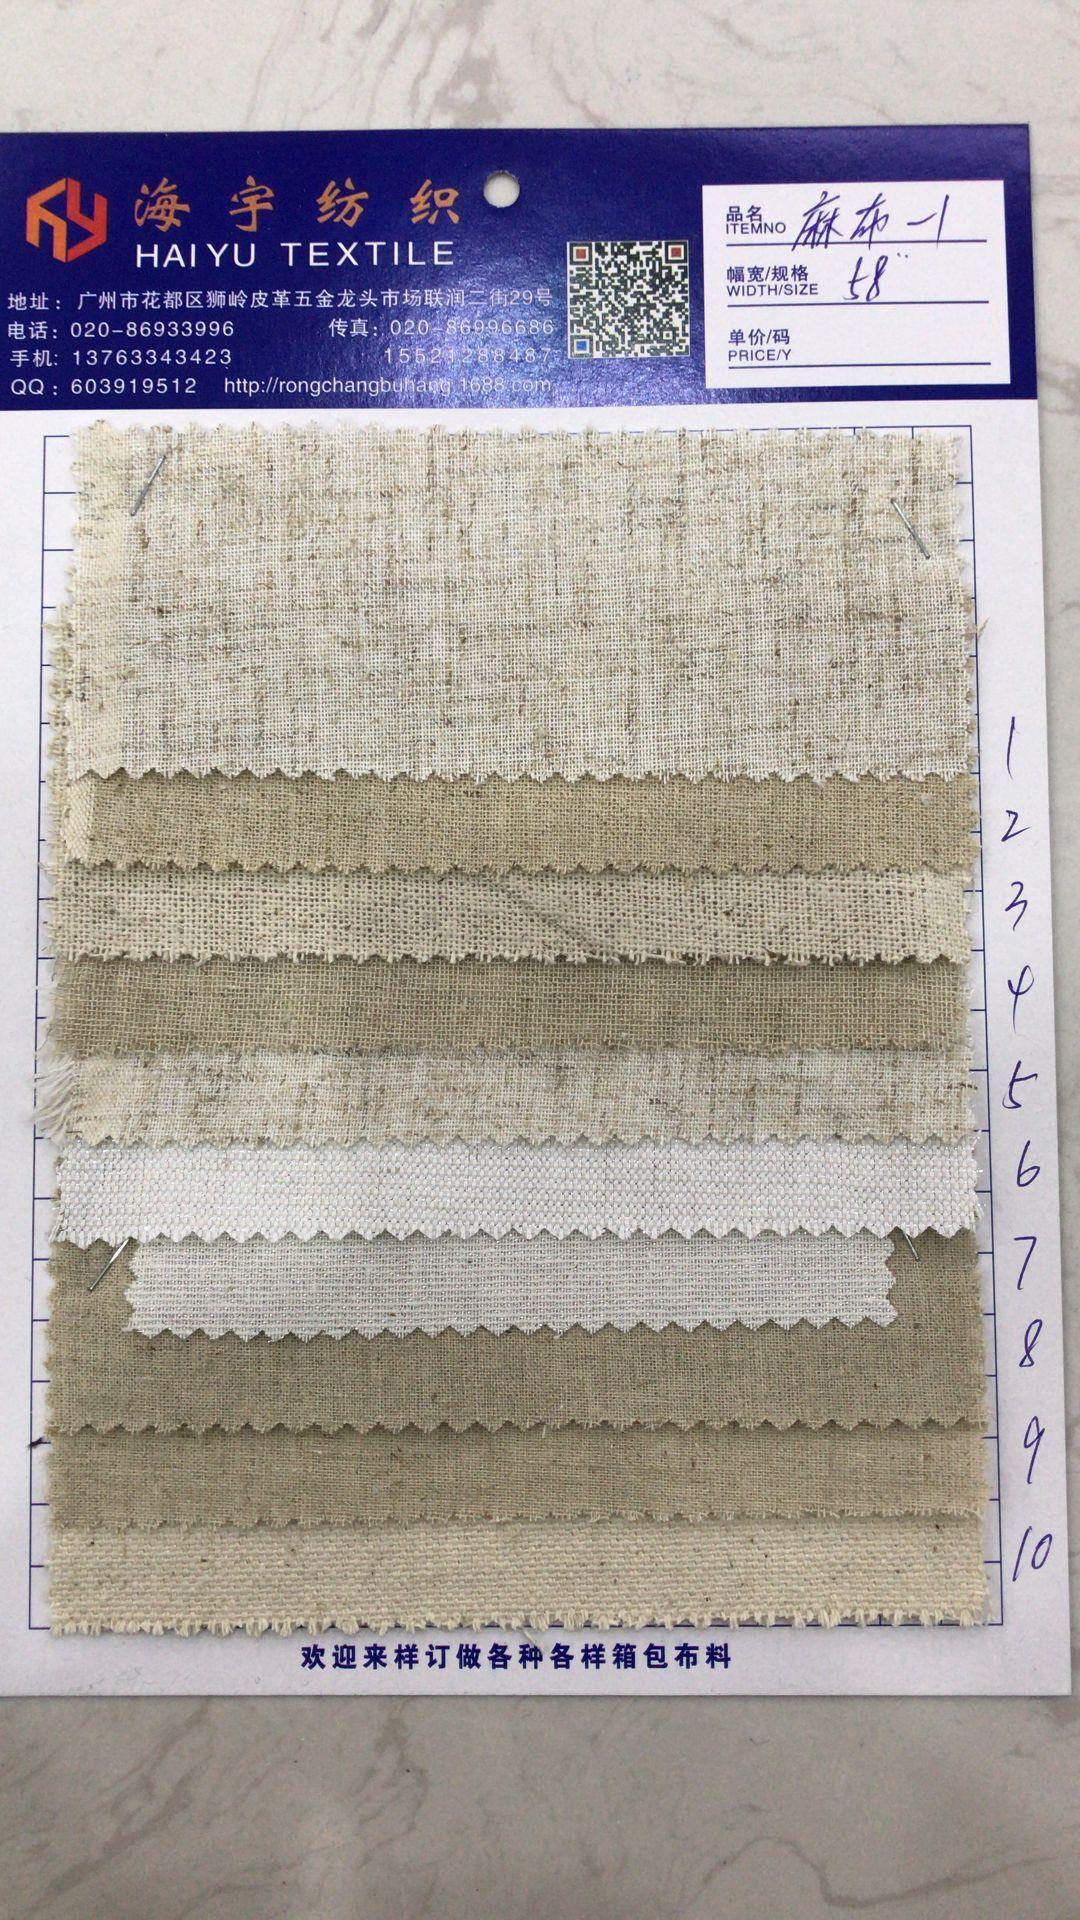 Linen vải linen in ấn linen vải nền vải thủ công mỹ nghệ vải chuyên nghiệp in ấn và nhuộm